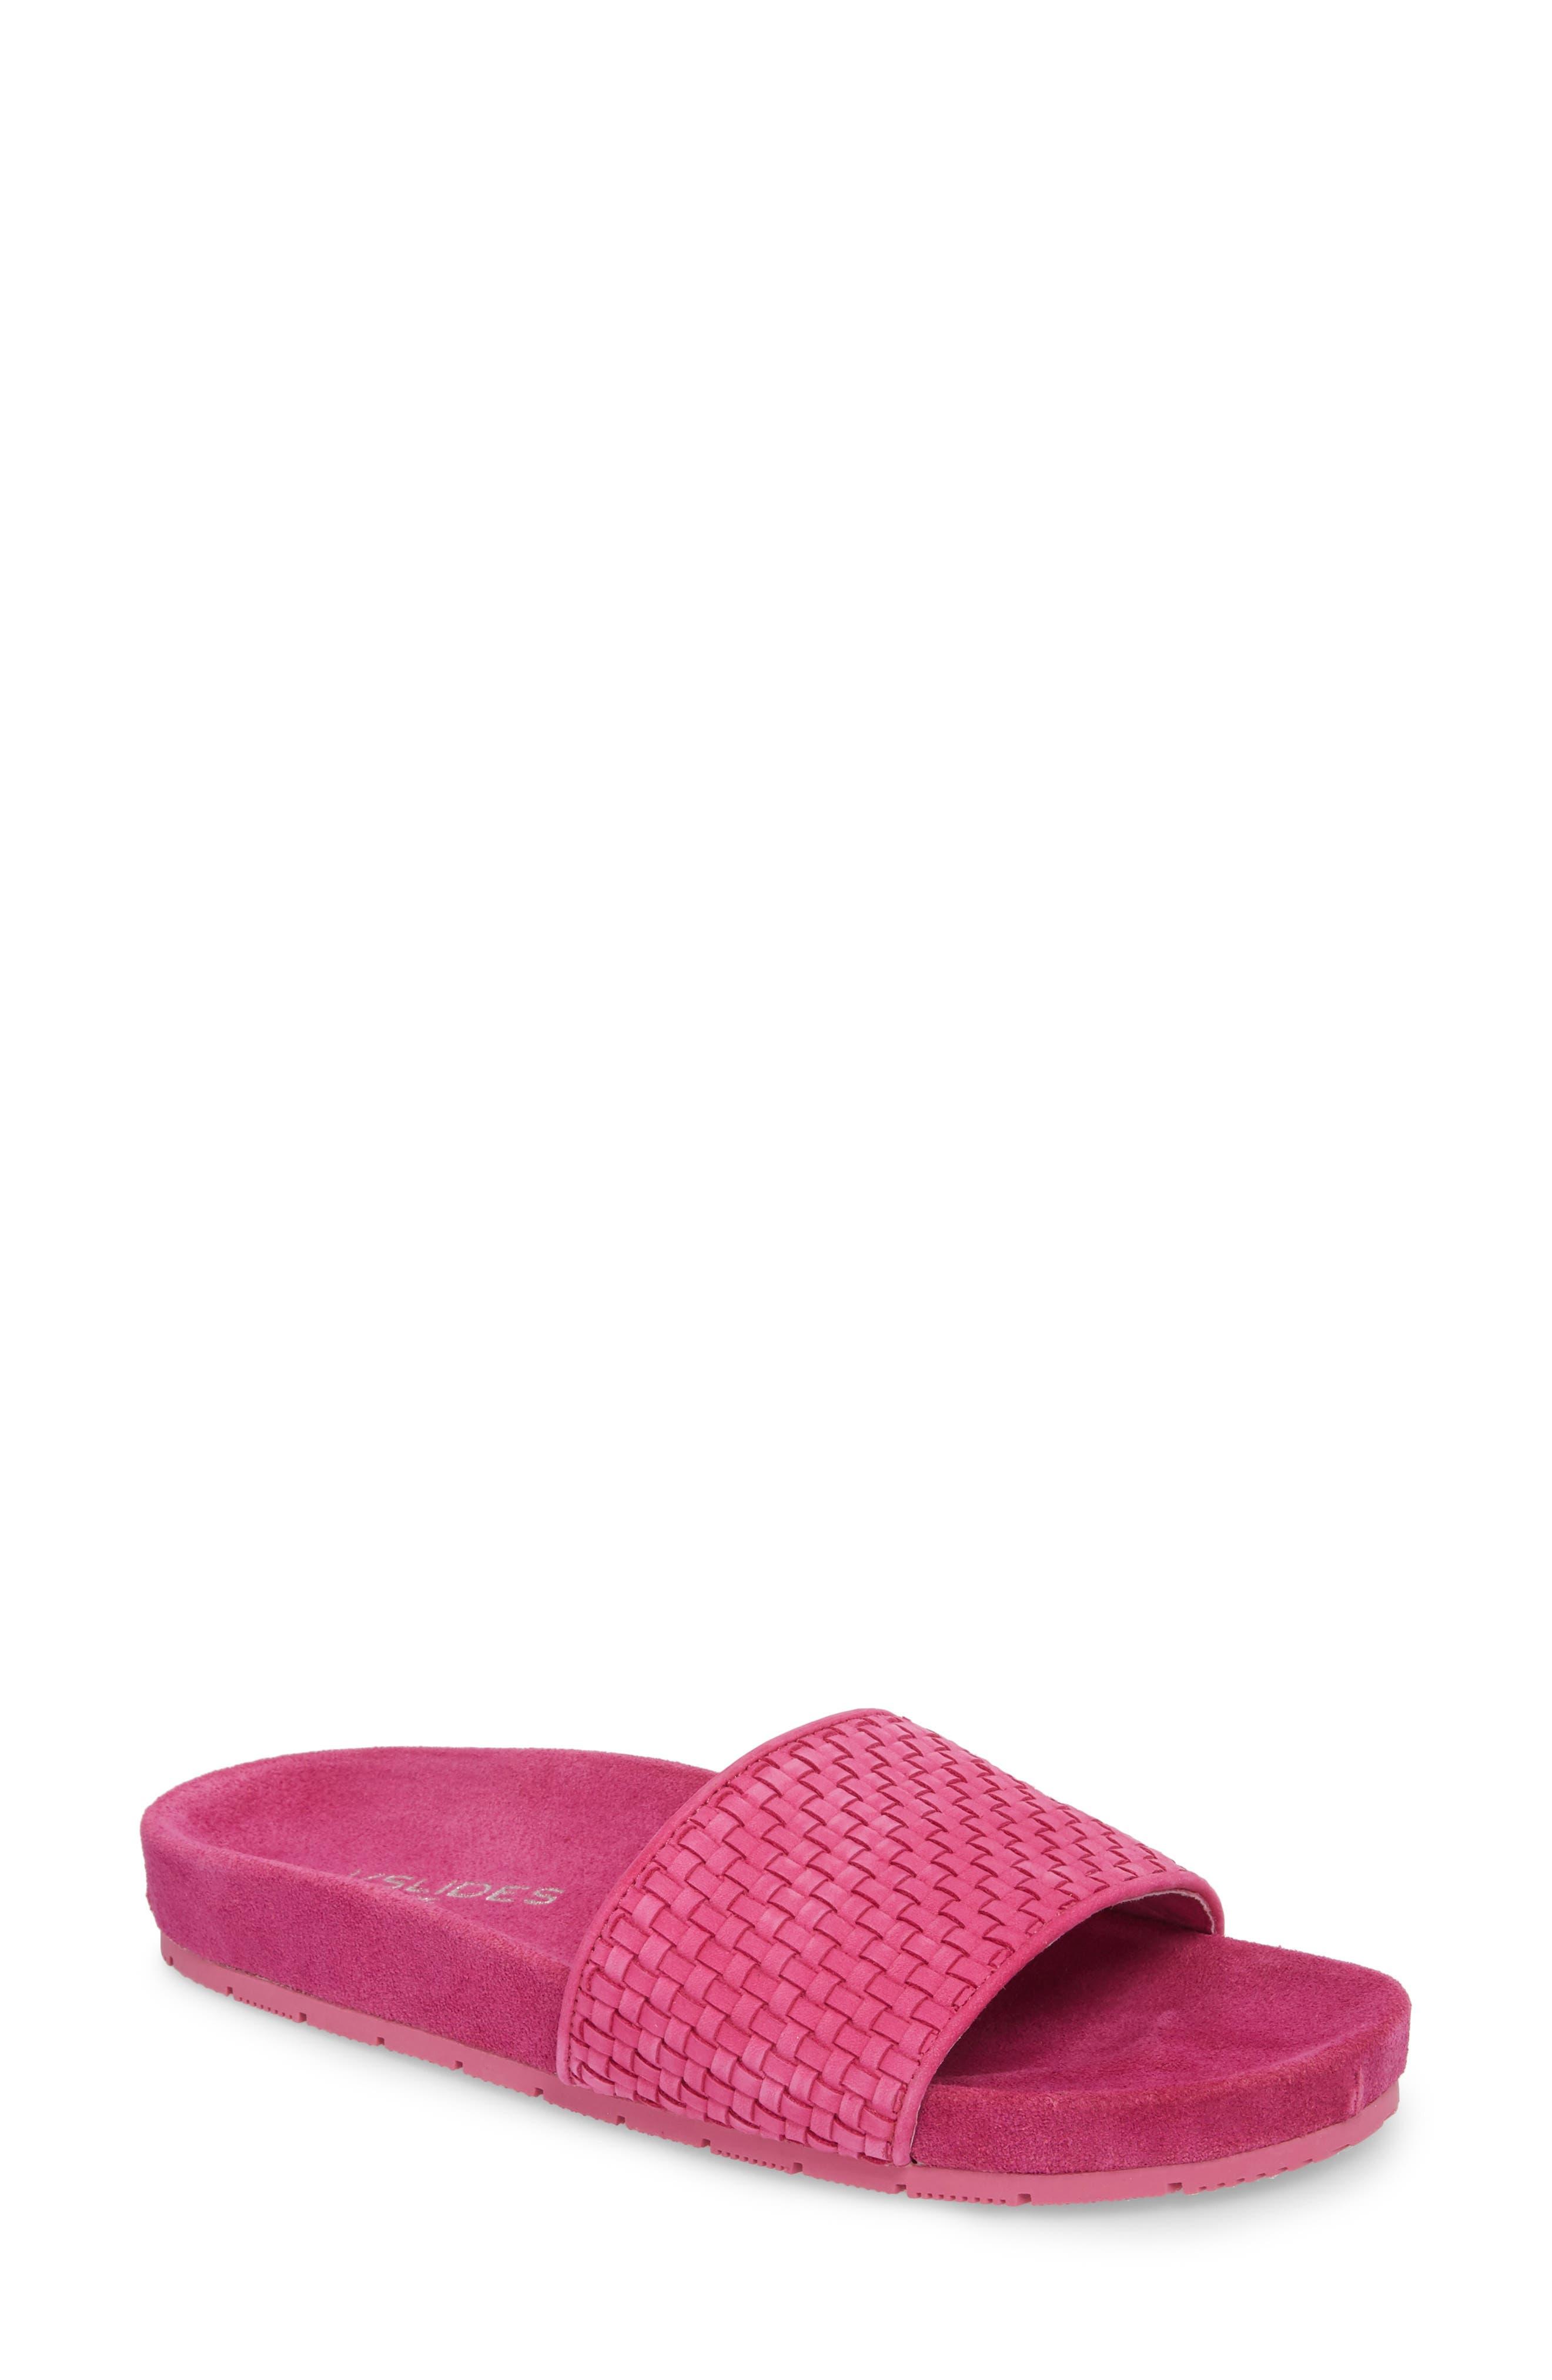 Naomie Slide Sandal,                         Main,                         color, Magenta Suede